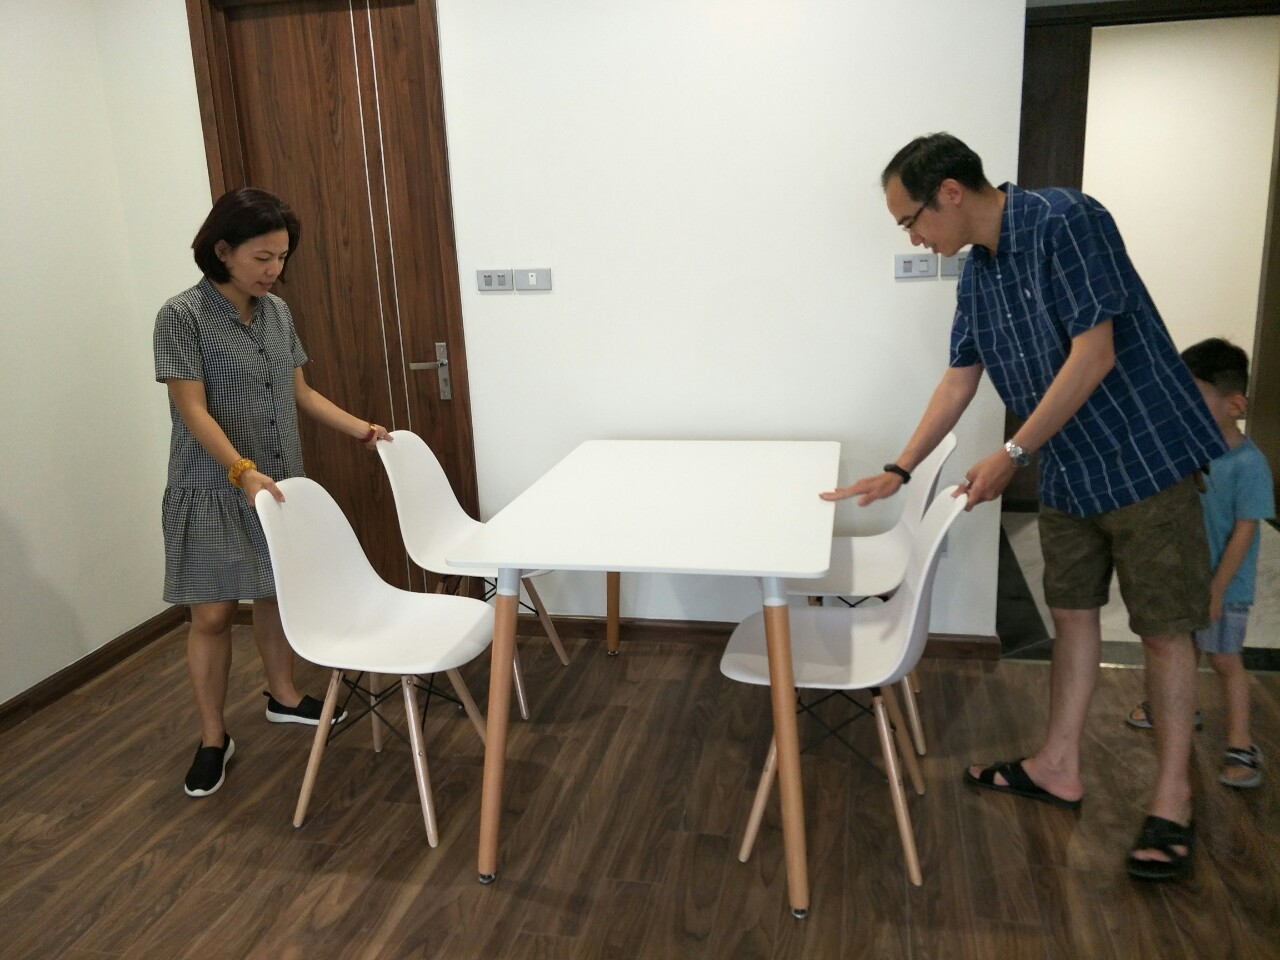 Giao tiếp các dòng bàn ghế ăn nhựa mới cho khách hàng